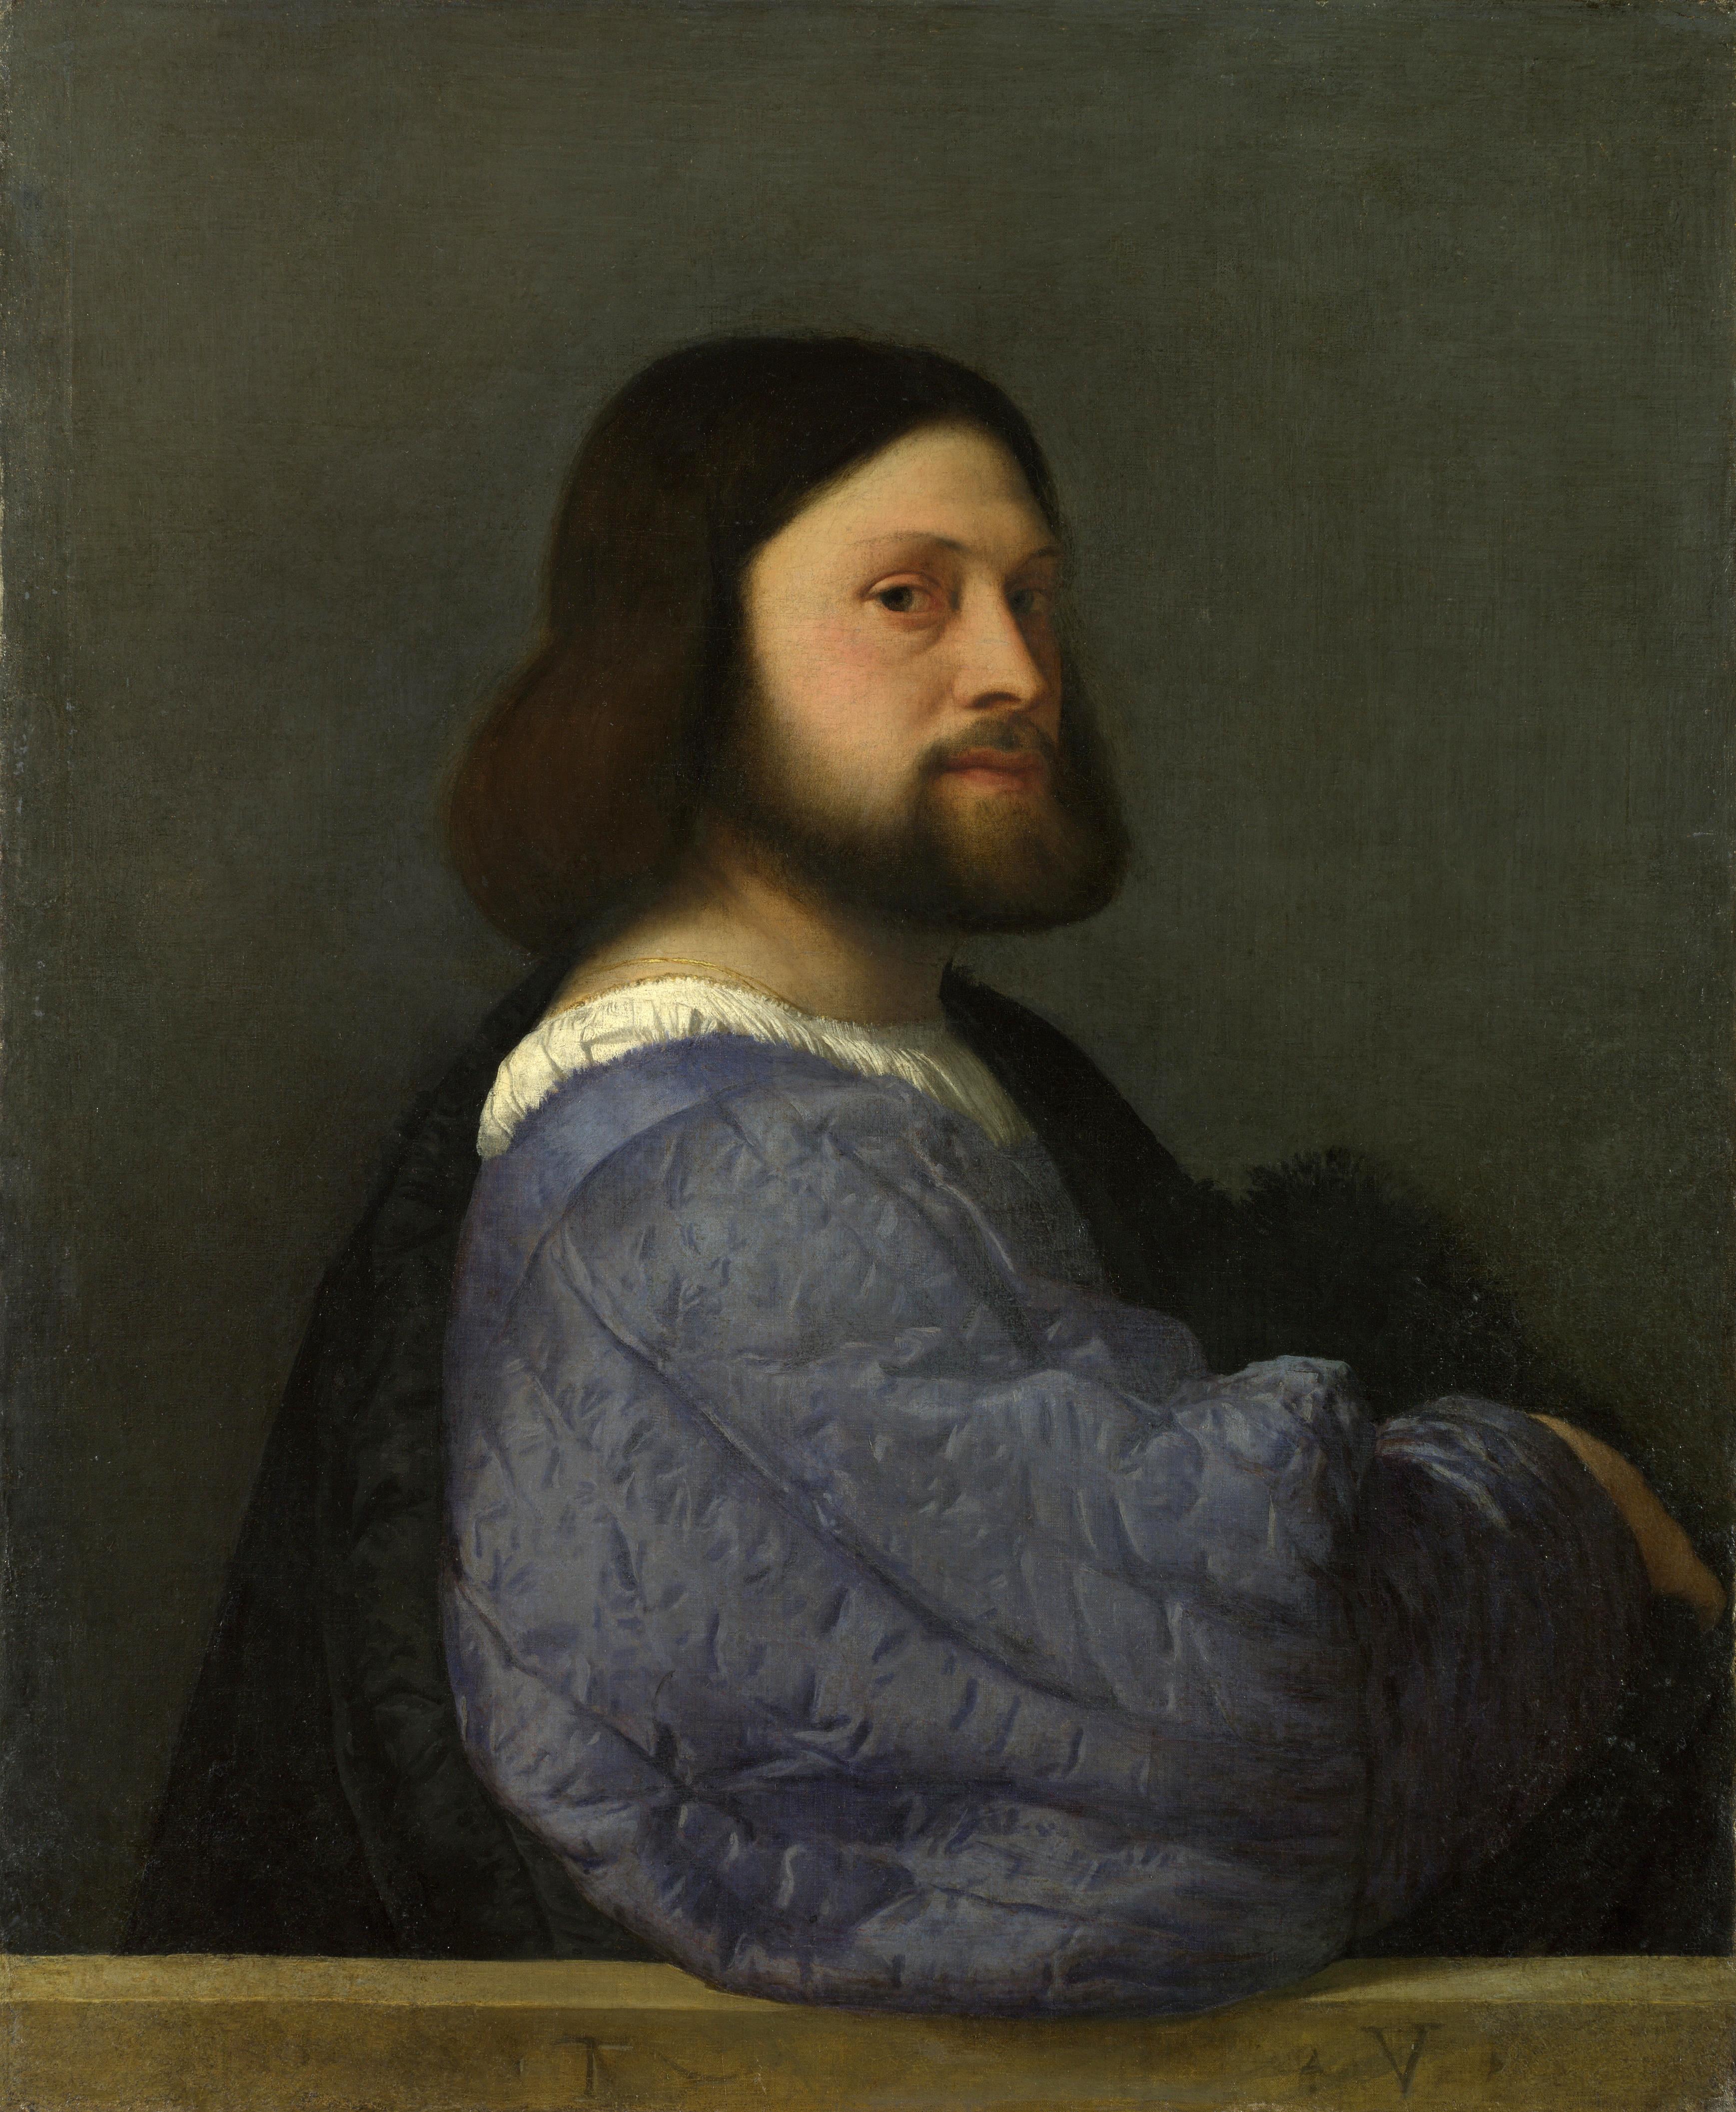 Ludovico Ariosto - Wikipedia